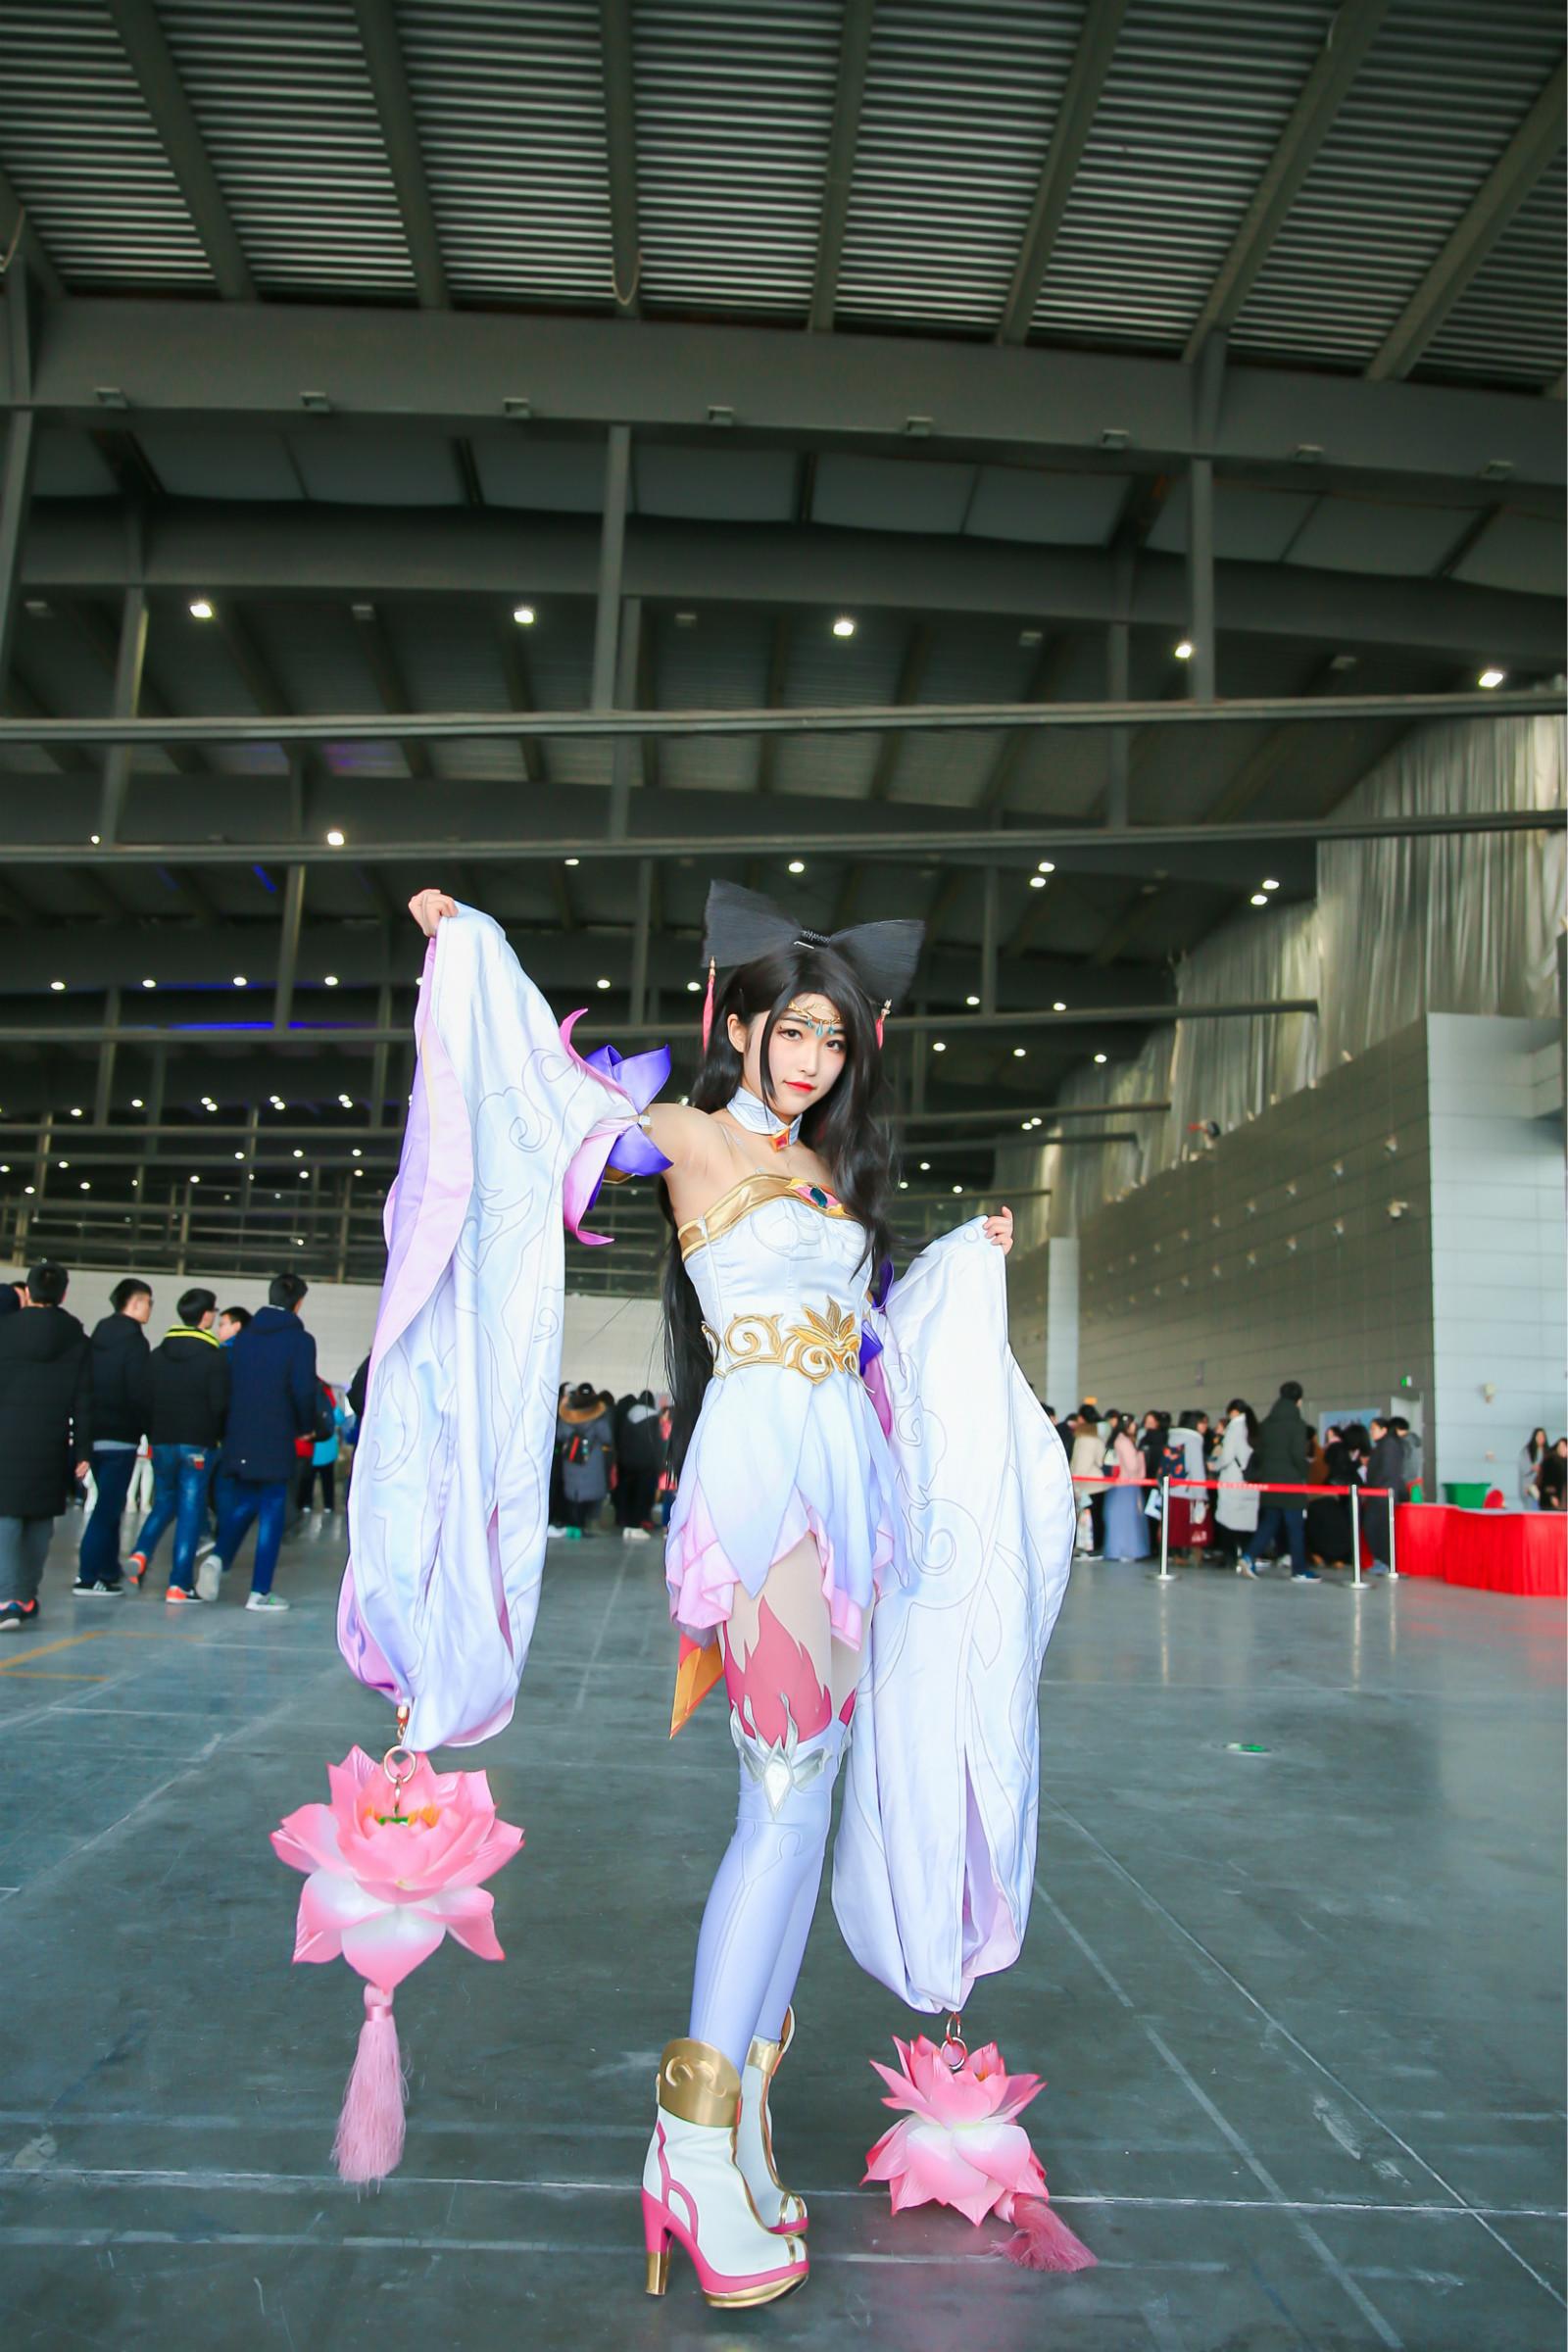 3Z9A5757 无锡无限宅腐动漫嘉年华ZF13新年祭场照返图